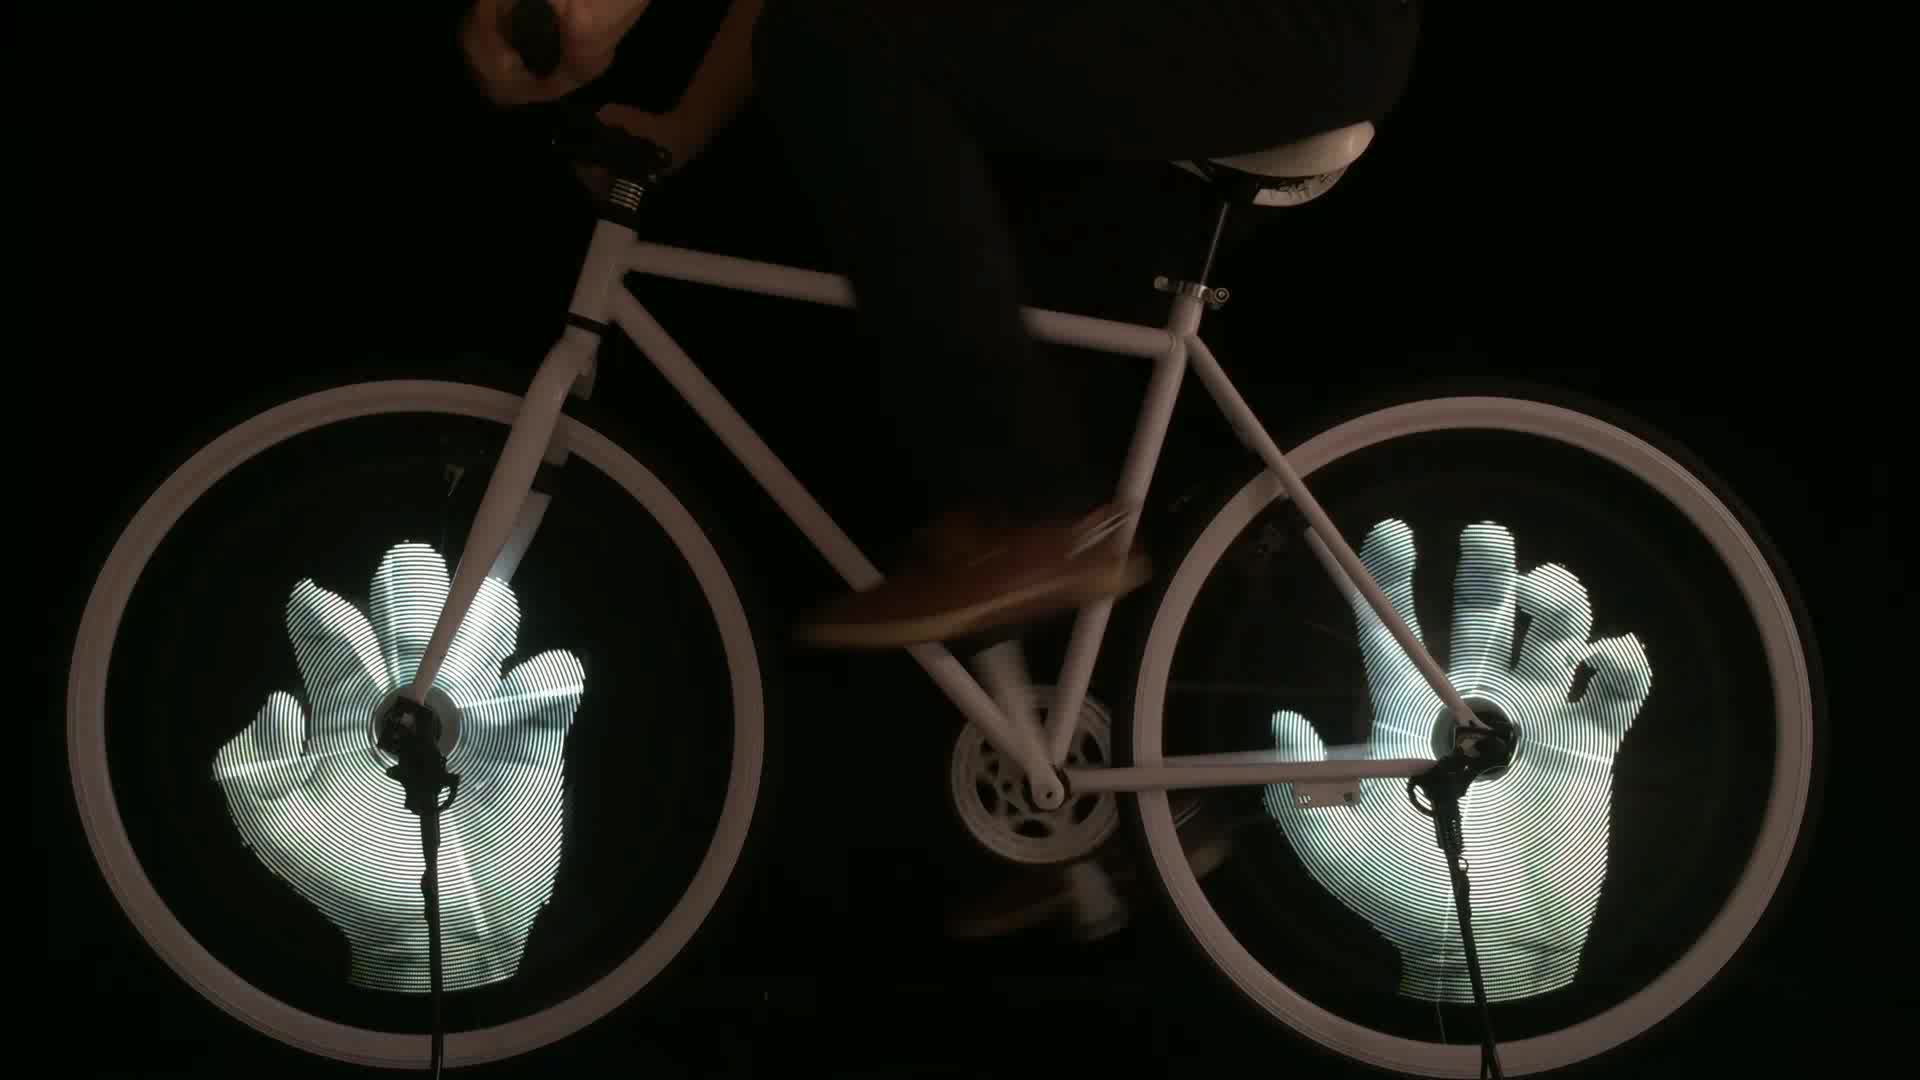 Süper serin Yüksek Kalite Led El Feneri Güçlü Açık Havada Bisiklet tekerleği için Led ışık